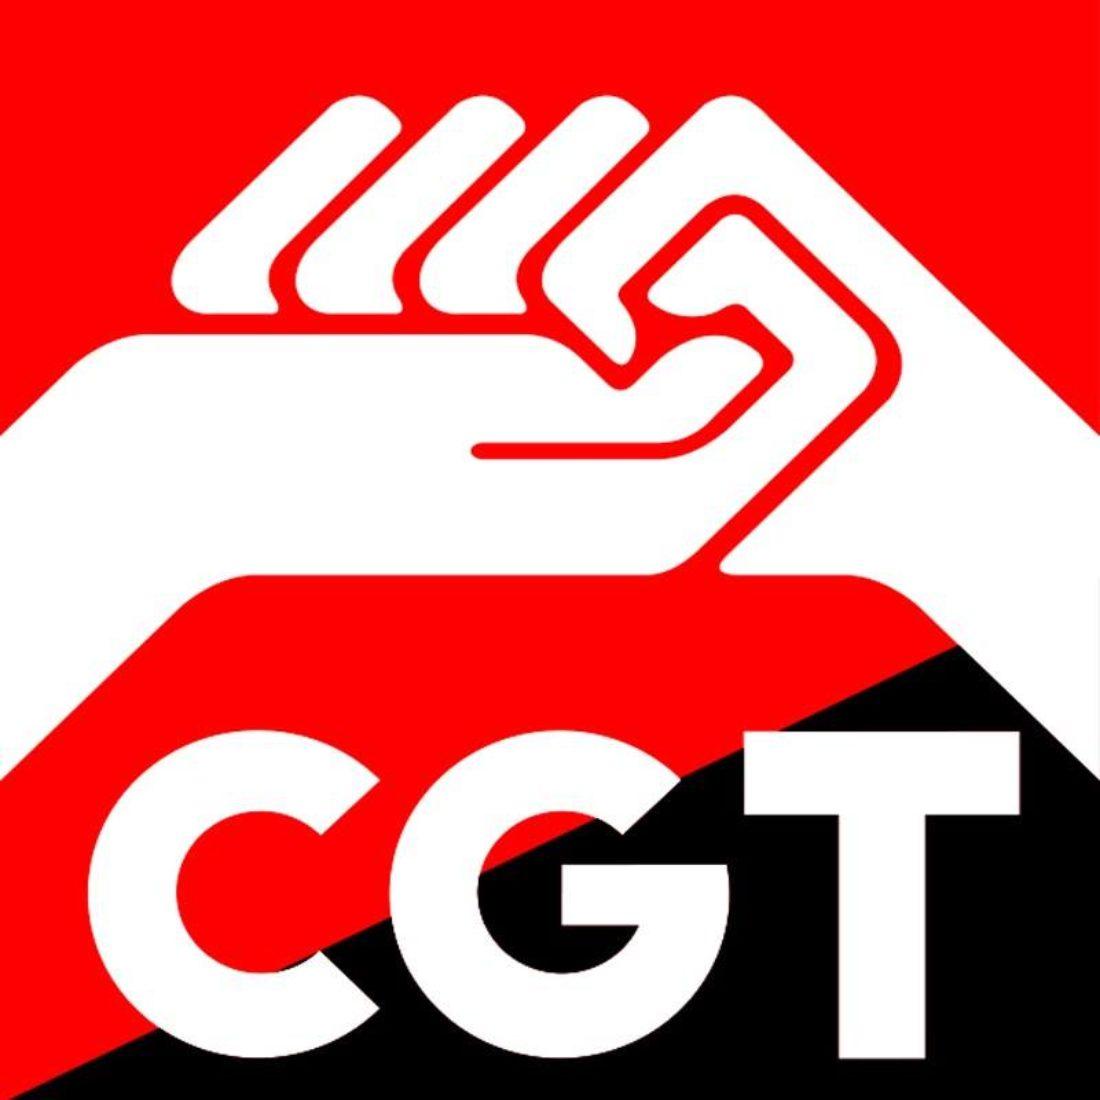 CGT desmiente presiones para desconvocar actos públicos y no descarta tomar medidas legales contra la Guardia Civil por manipular las declaraciones de un sindicalista